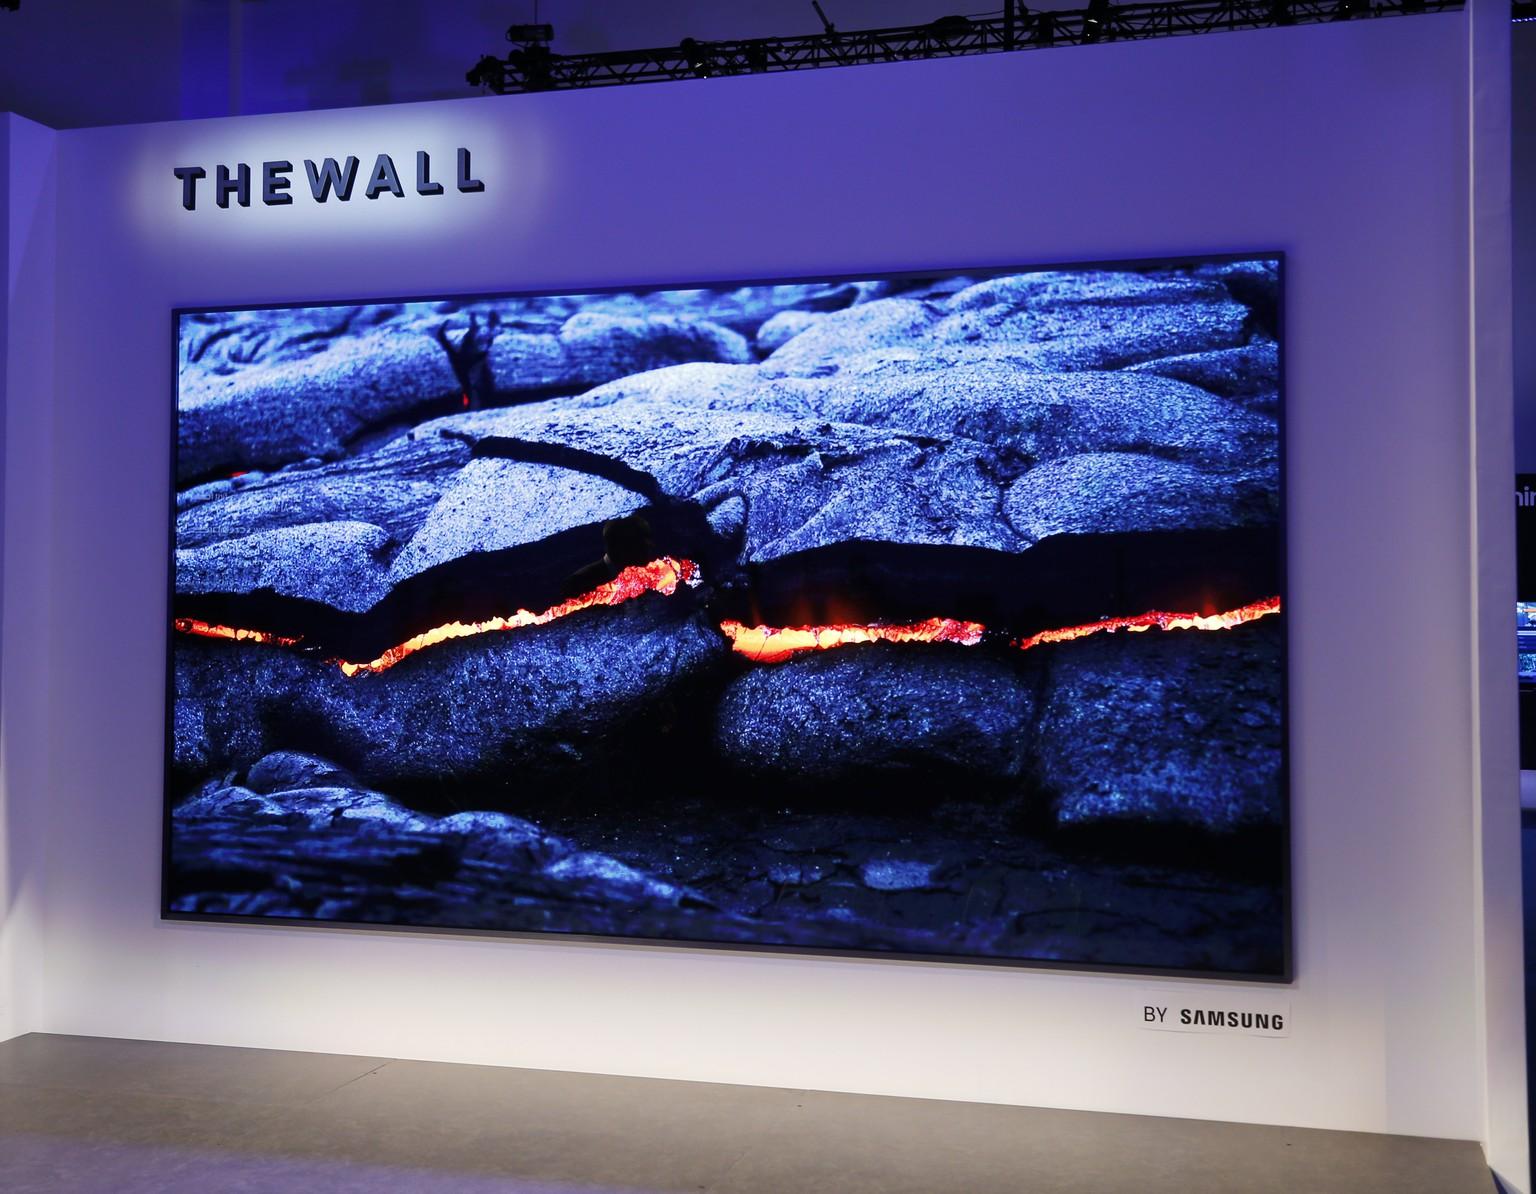 Spiegel Tv Samsung : Samsung fernseher the wall so wird deine wohnzimmerwand zum